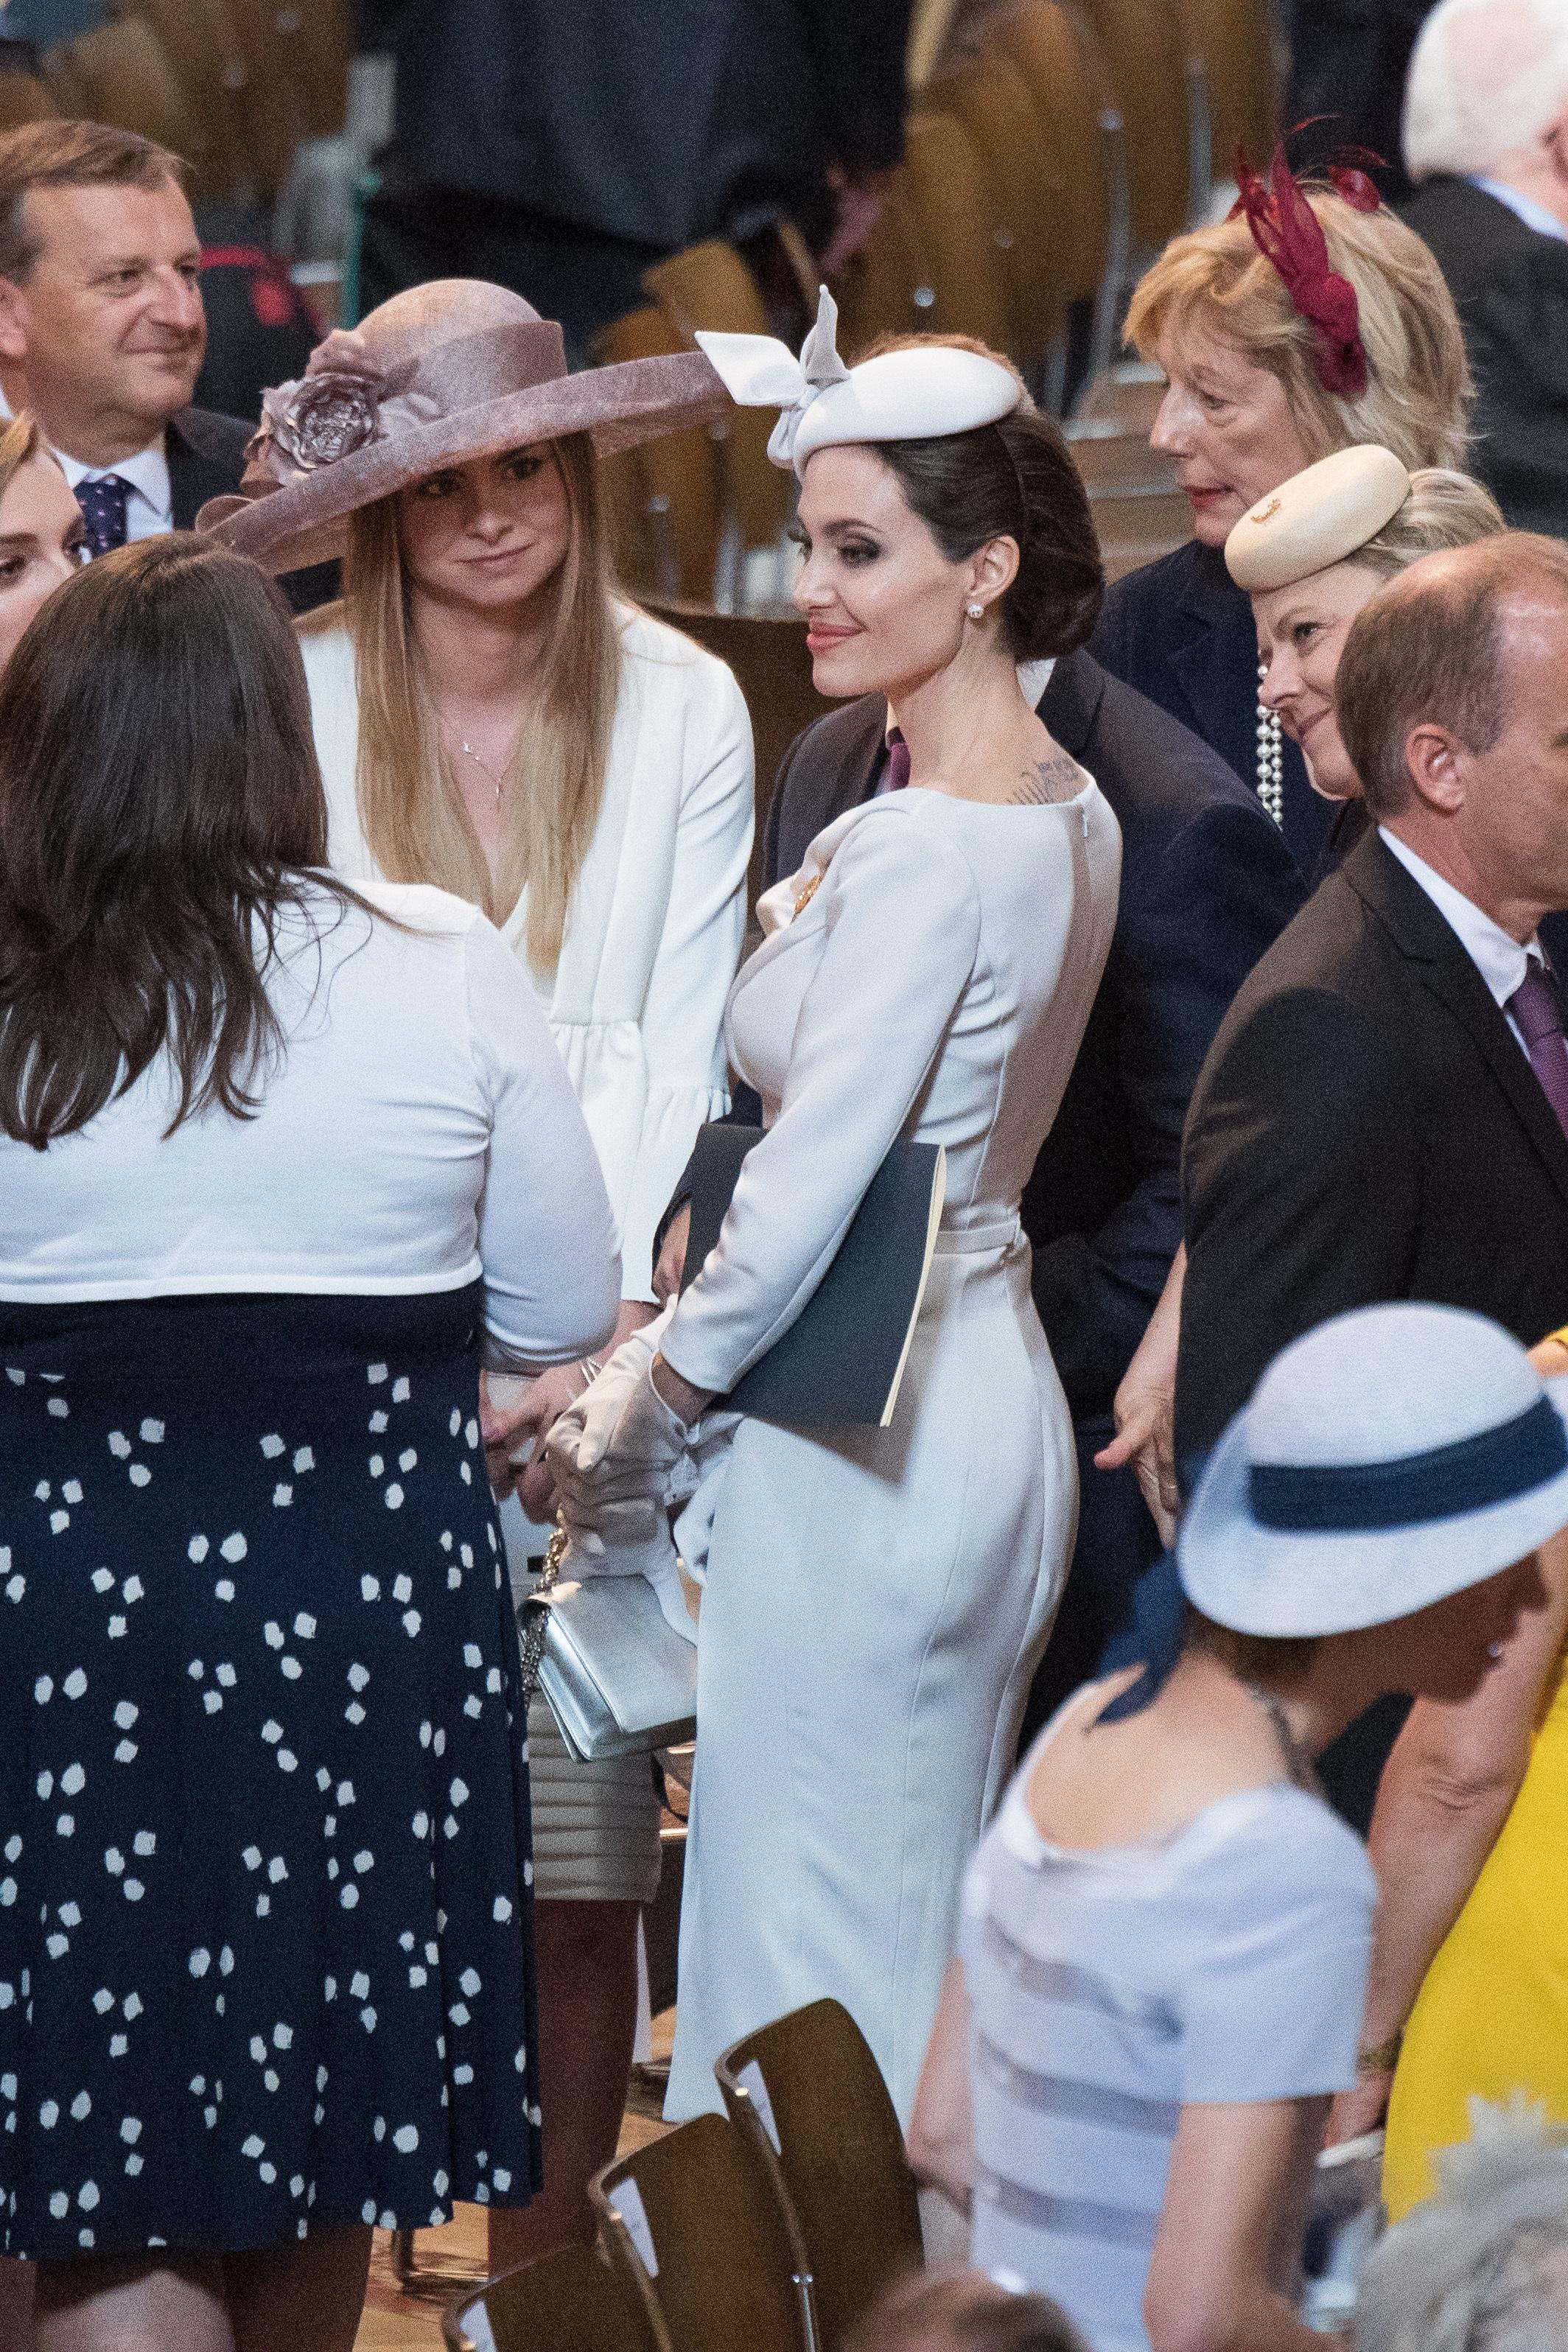 Анджелина Джоли прикова погледите към себе си в катедралата Сейнт Пол в Лондон на кралска церемония по повод 200 годишнината на най-важния орден – на Архангел Михаил и Сейнт Джордж